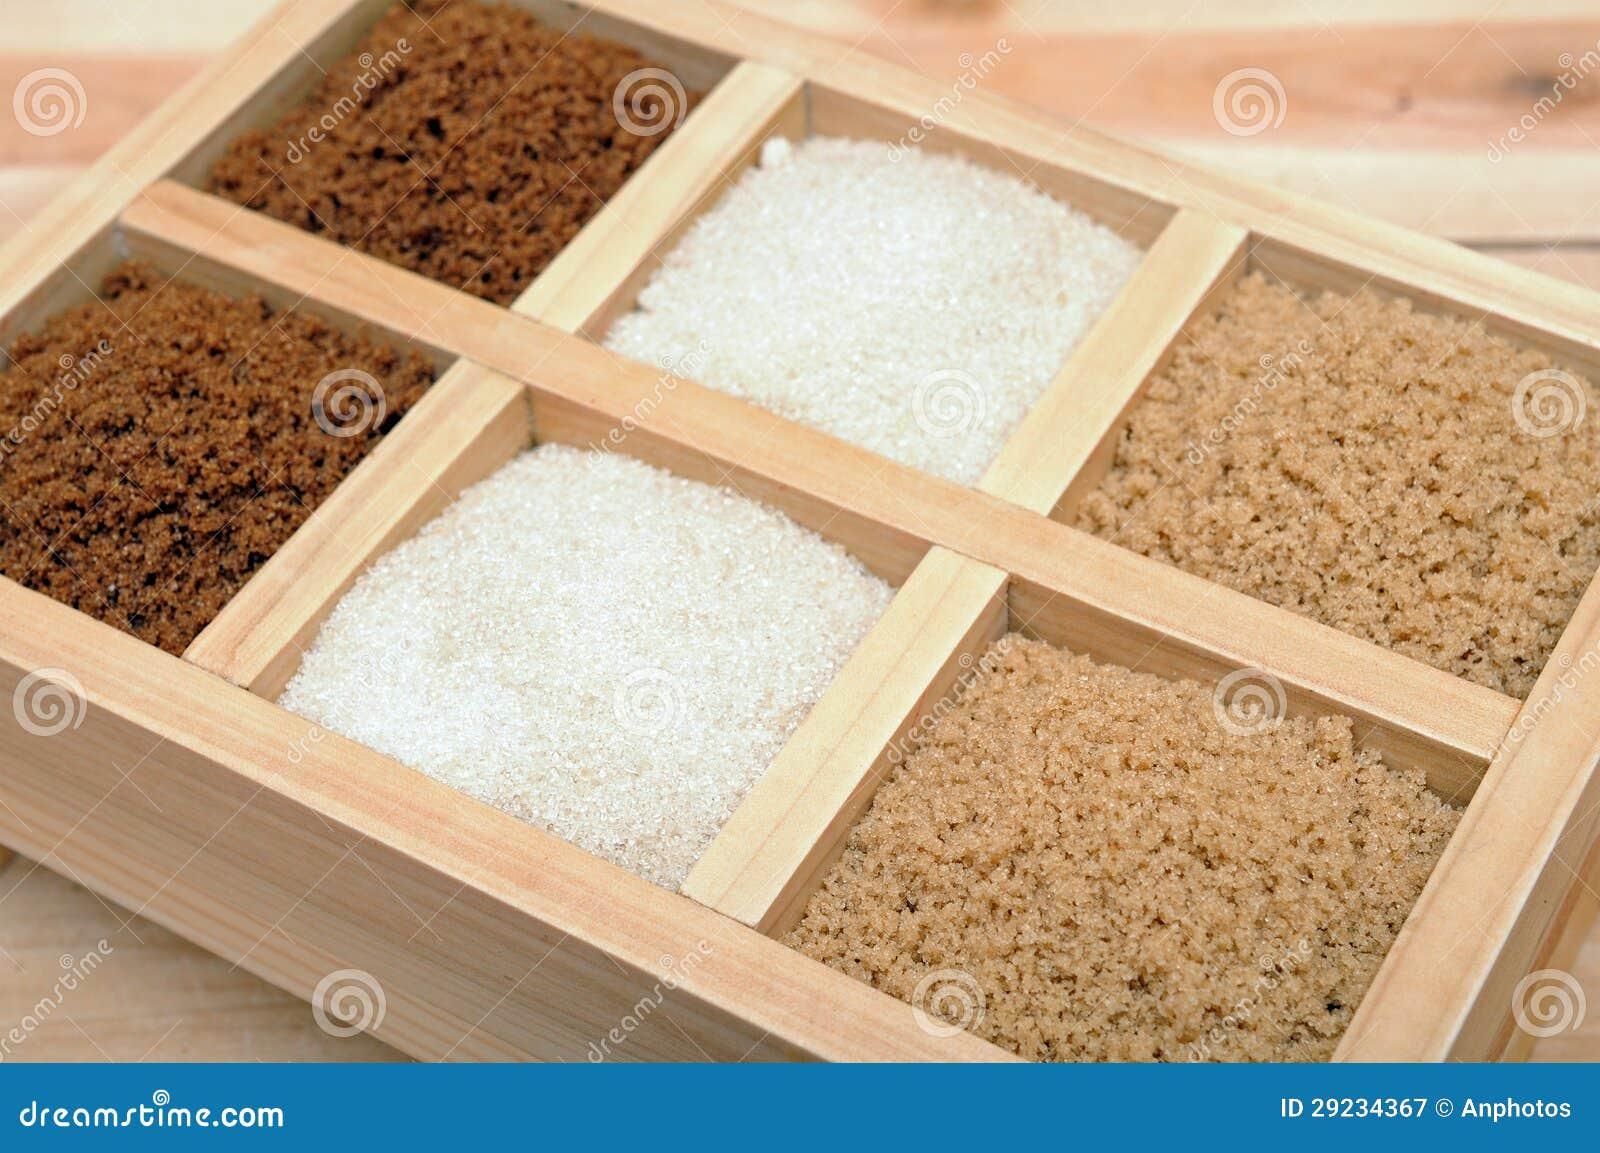 Download Açúcar imagem de stock. Imagem de doce, marrom, cozinha - 29234367